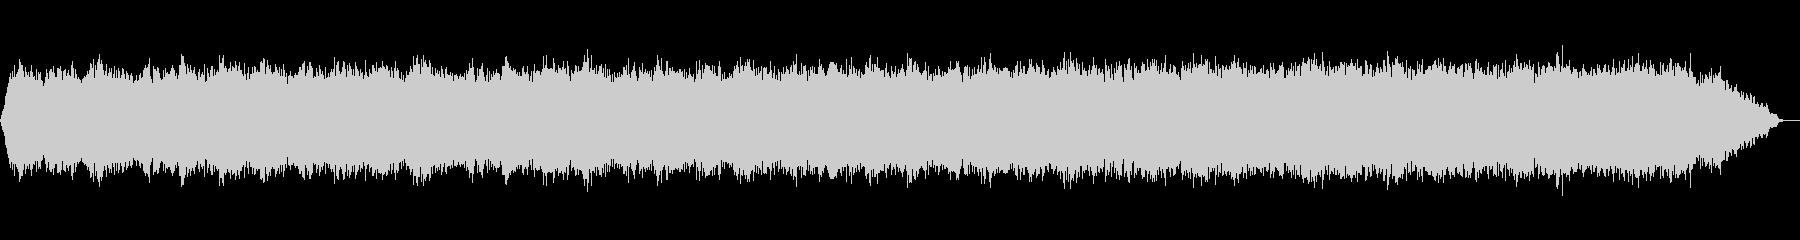 幻想的なベルの音色の音楽の未再生の波形